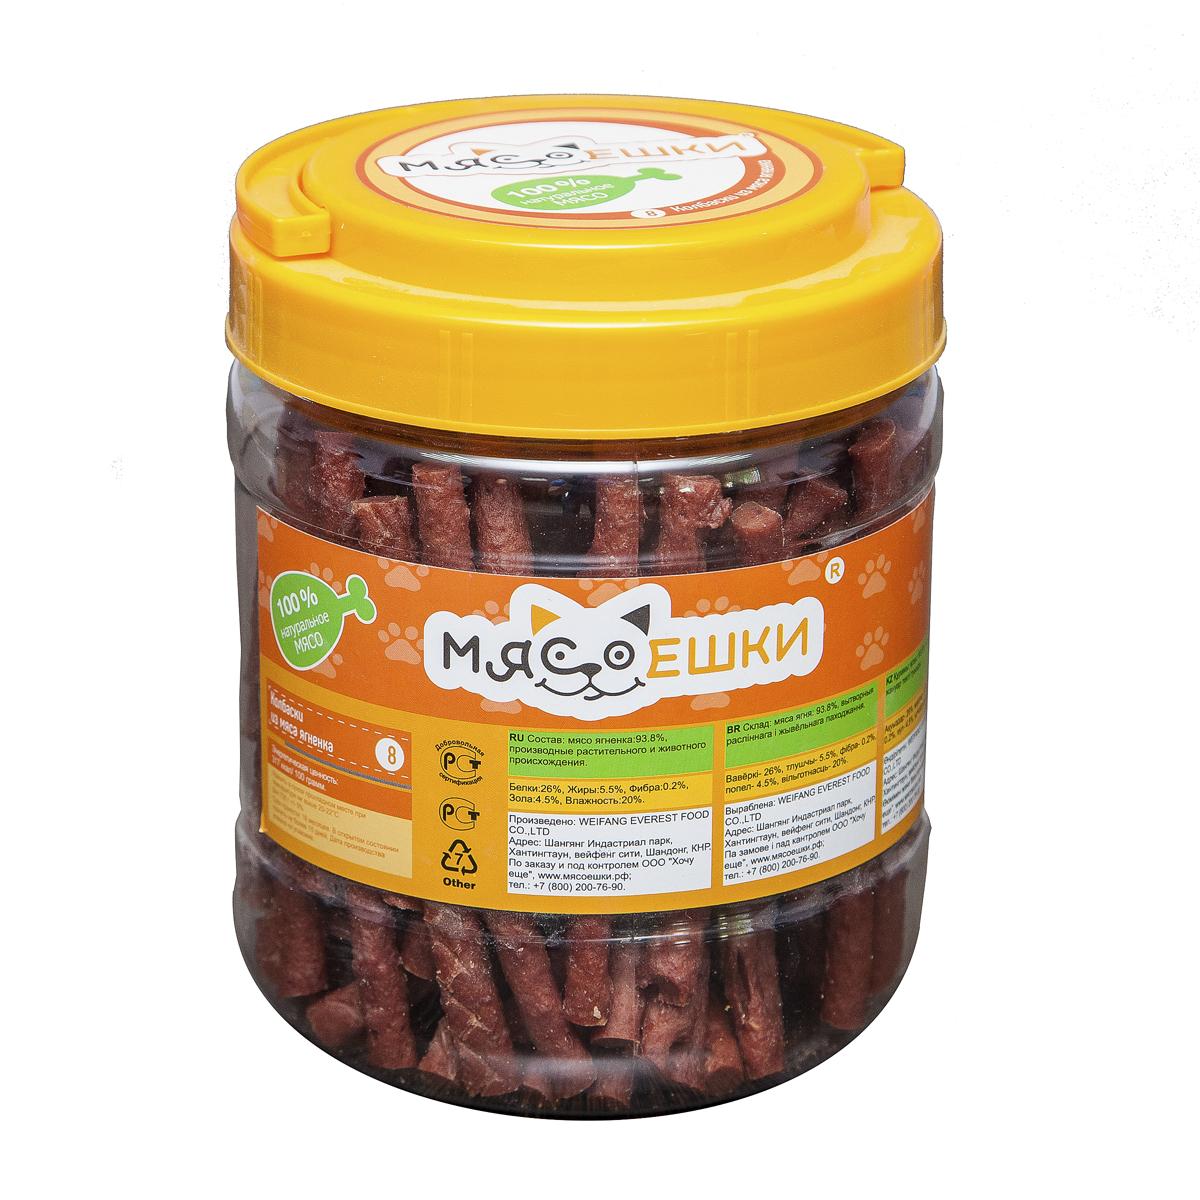 Лакомство для собак Мясоешки Колбаски из мяса ягненка, 700 г0120710Для собак в повседневном питании нужен вкусный, но сбалансированный полезный корм, который обеспечит им получение всех жизненно важных питательных веществ.Изменение энергетических потребностей питомцев происходит в зависимости от возраста: баланс витаминов, протеинов и минералов имеет свои особенности, которые обязательно надо учитывать при выборе корма. Идеальным с этой точки зрения является сбалансированный лакомство Мясоешки, который разрабатывался для данной группы домашних любимцев. Состав: мясо ягненка 95,8%, производные растительного и животного происхождения. Анализ: белки-26%, жиры-5,5%, фибра-0,2%, зола-4,5%, влажность-20%.Калорийность: 317 ккал/100грамм. Товар сертифицирован.